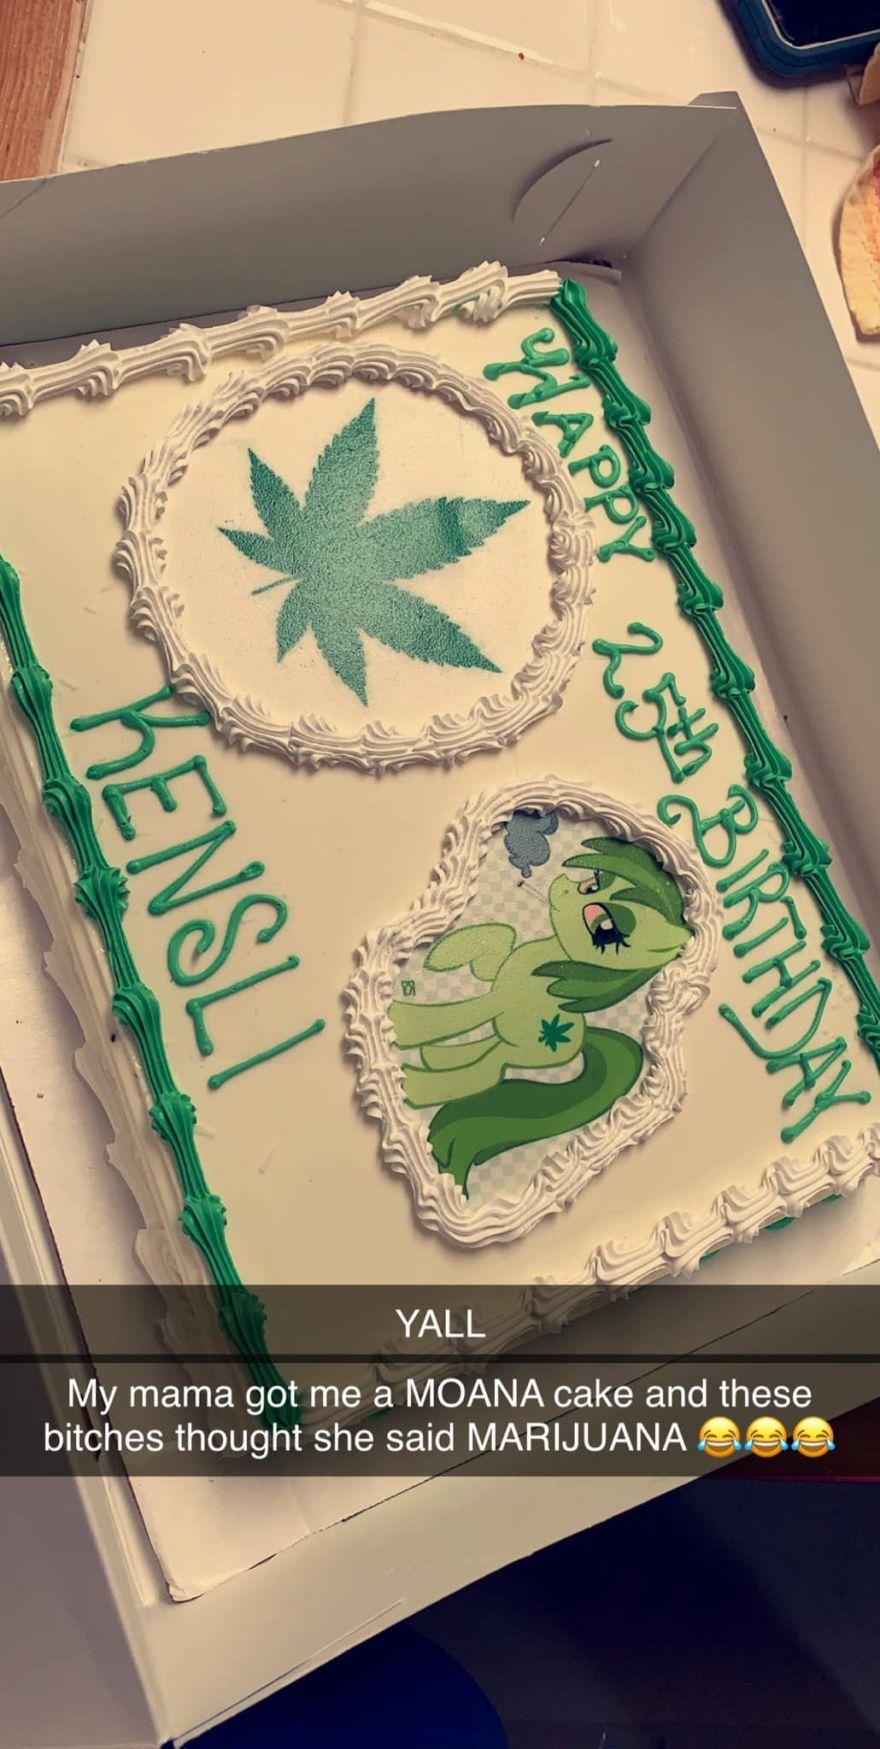 Birthday Girl Orders Moana Cake But Receives A Marijuana